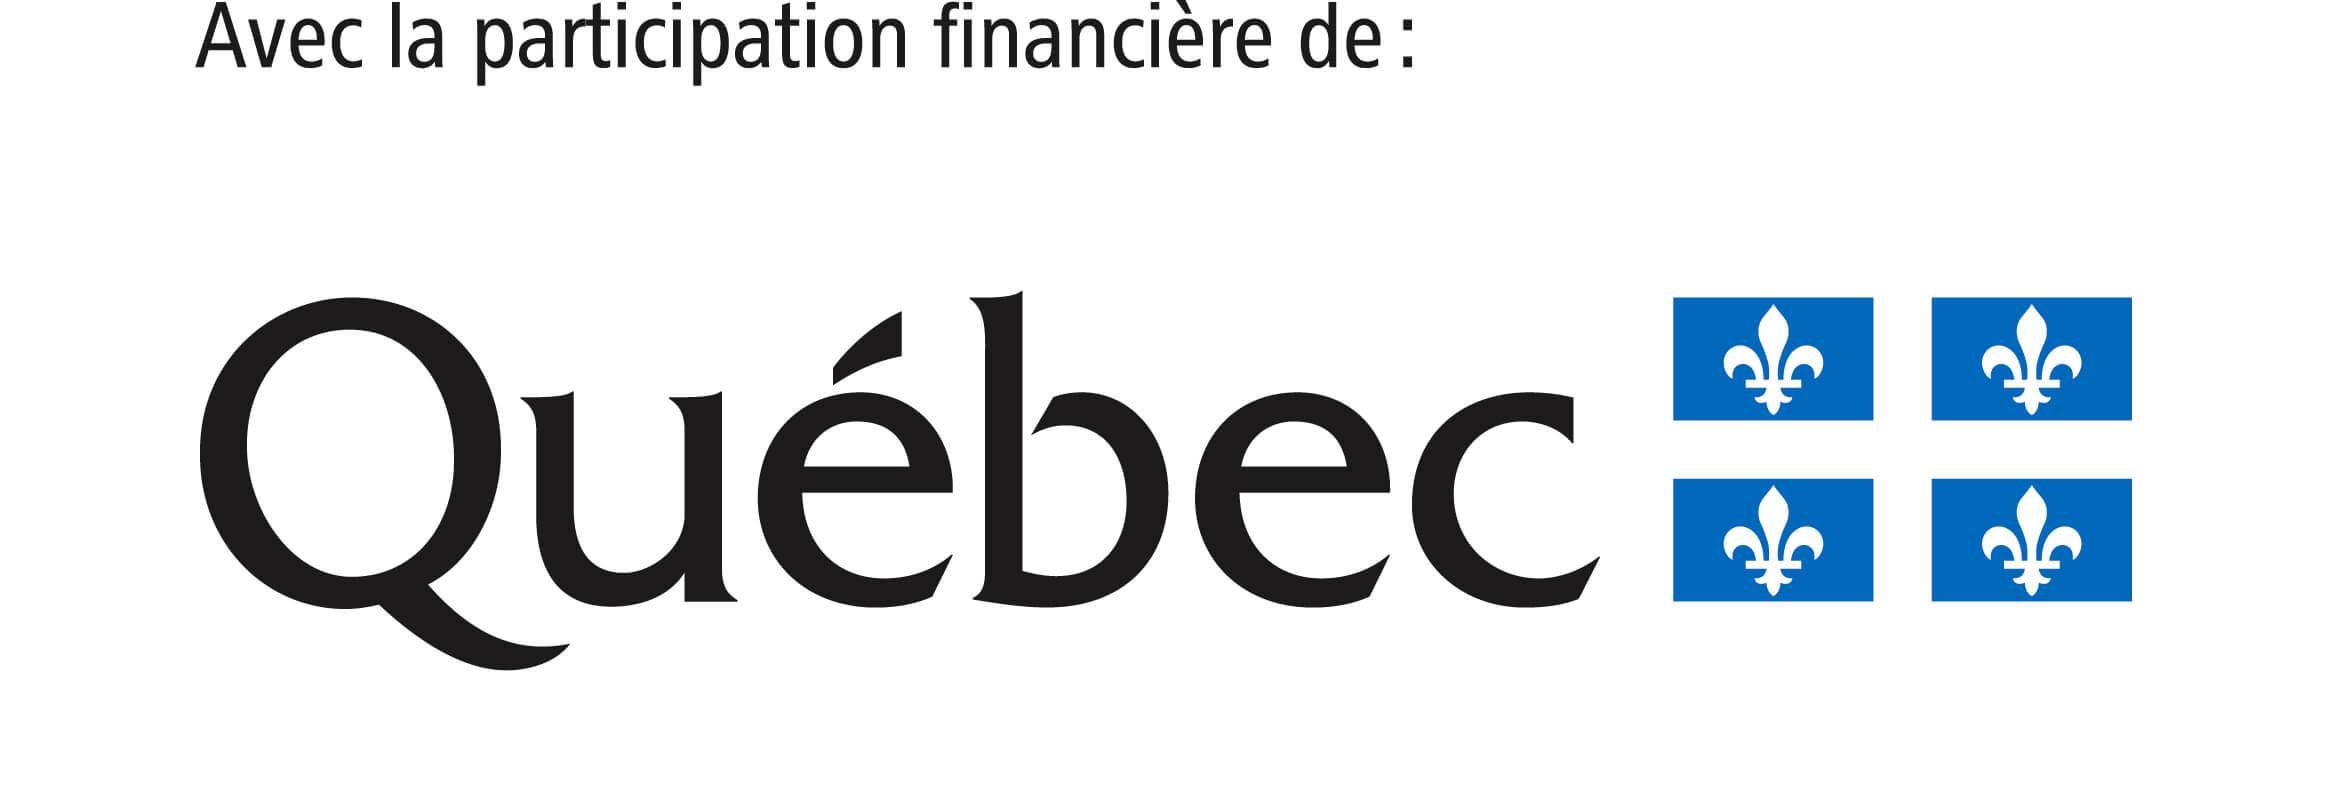 QuébecDrapeauCouleurTransparentAvecPartFinancDe